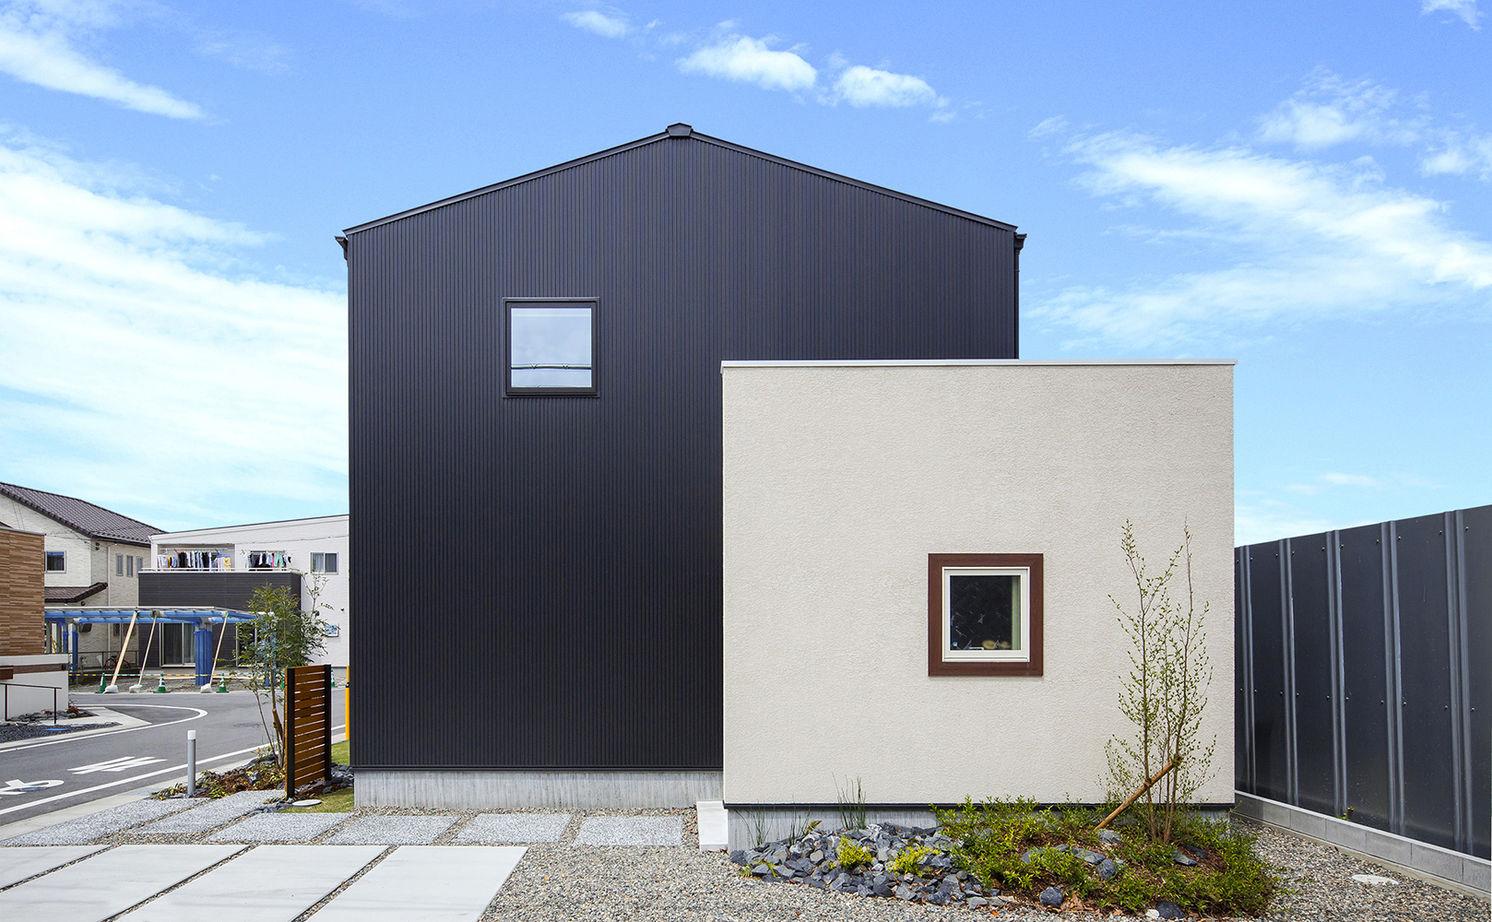 【1845万円】黒ガルバと塗り壁の大人かわいい家。「あっ、暮らし良い!」家事ラクの動線プラン画像2